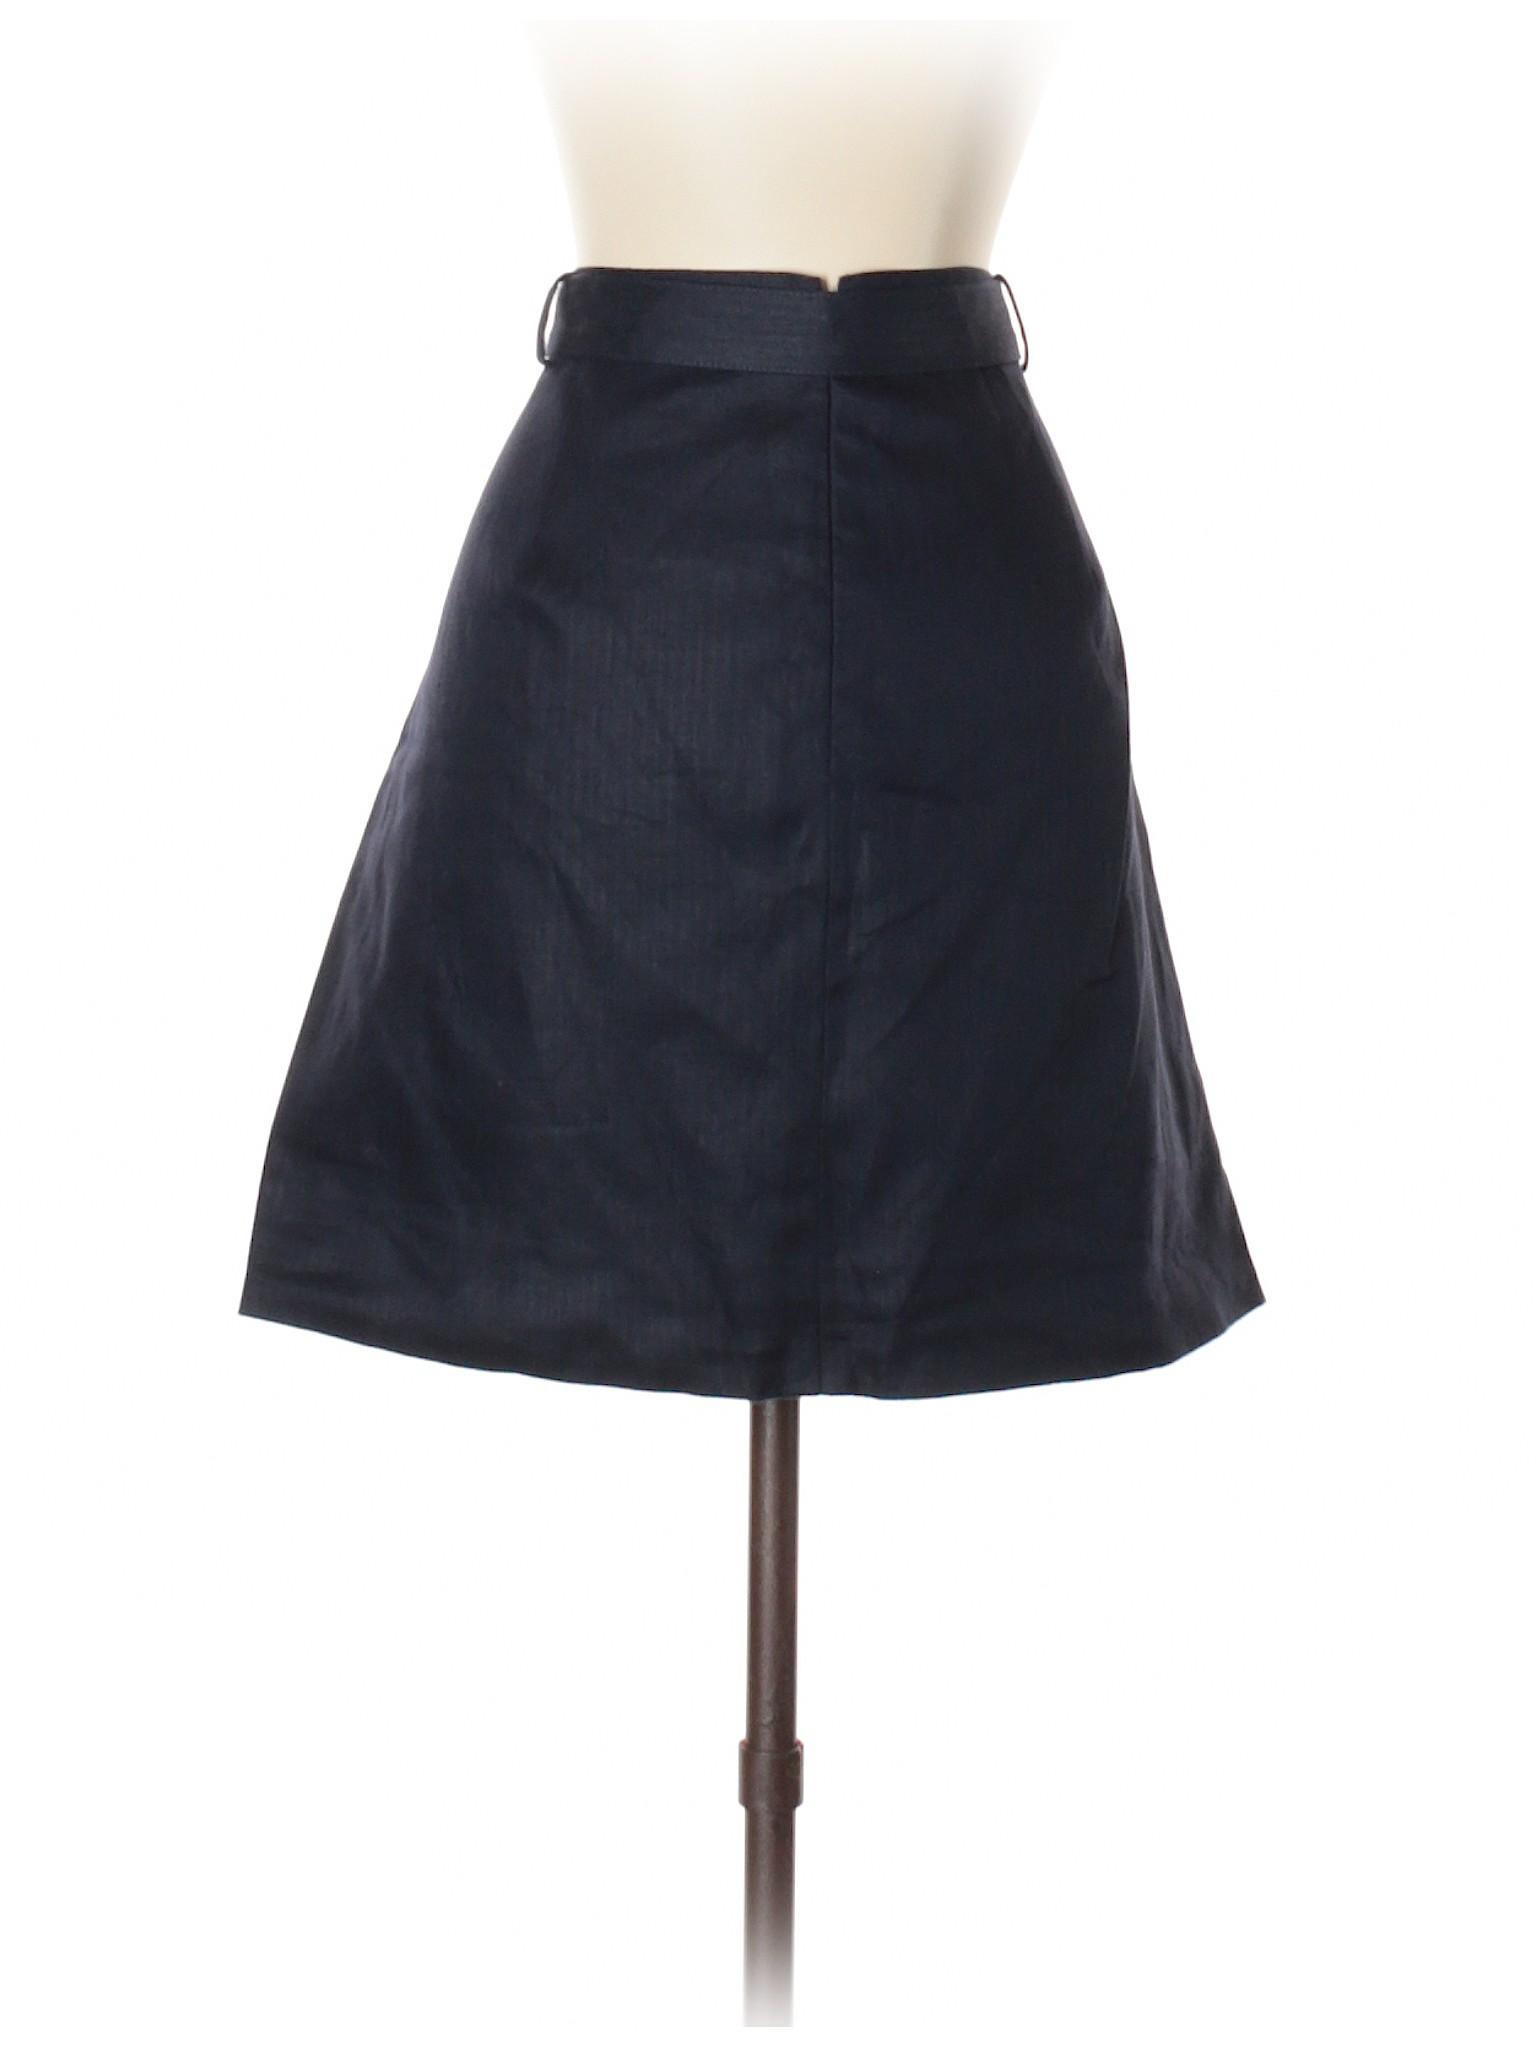 Casual Casual Casual Skirt Casual Skirt Boutique Boutique Boutique Boutique Skirt Skirt Boutique qpwZ8Uxxg